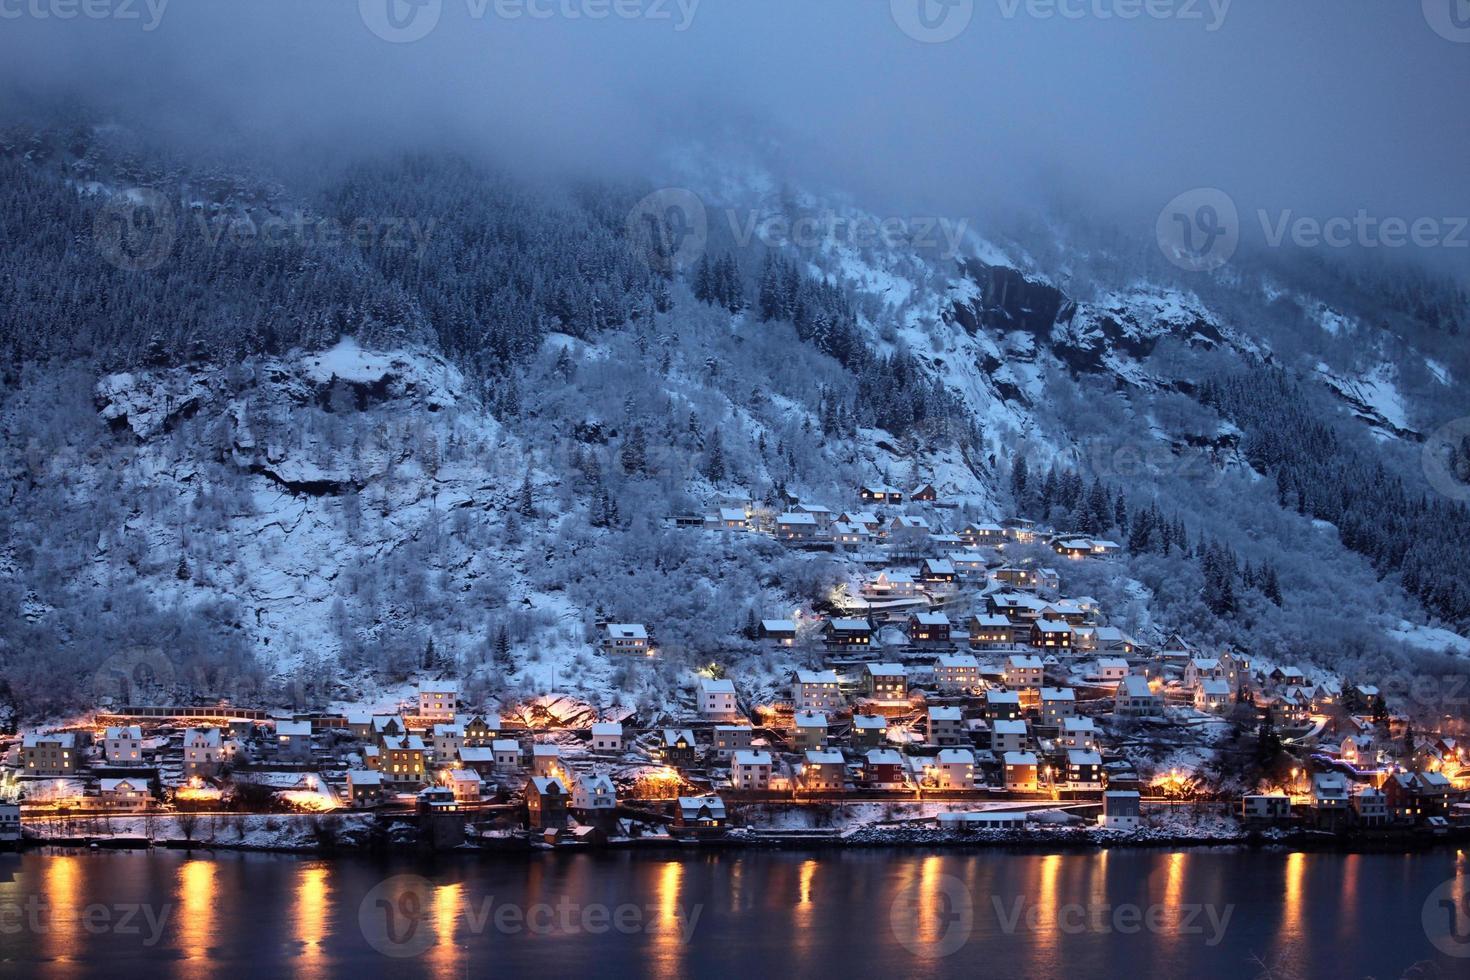 kväll på bergssidan stad foto